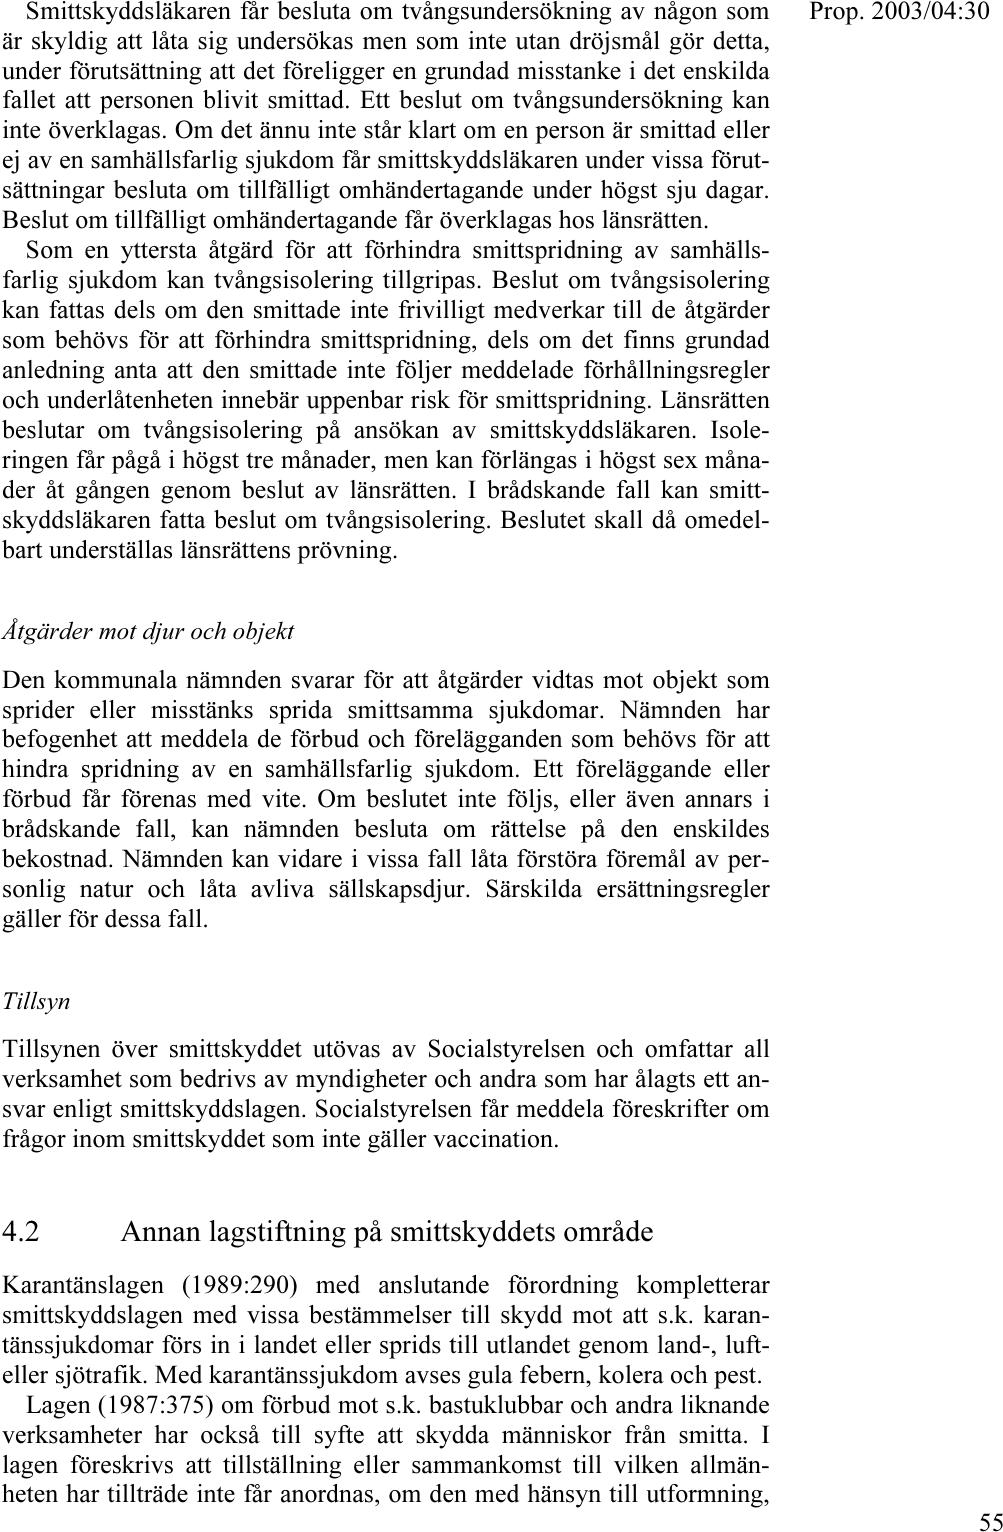 Fragor och svar 2003 12 07